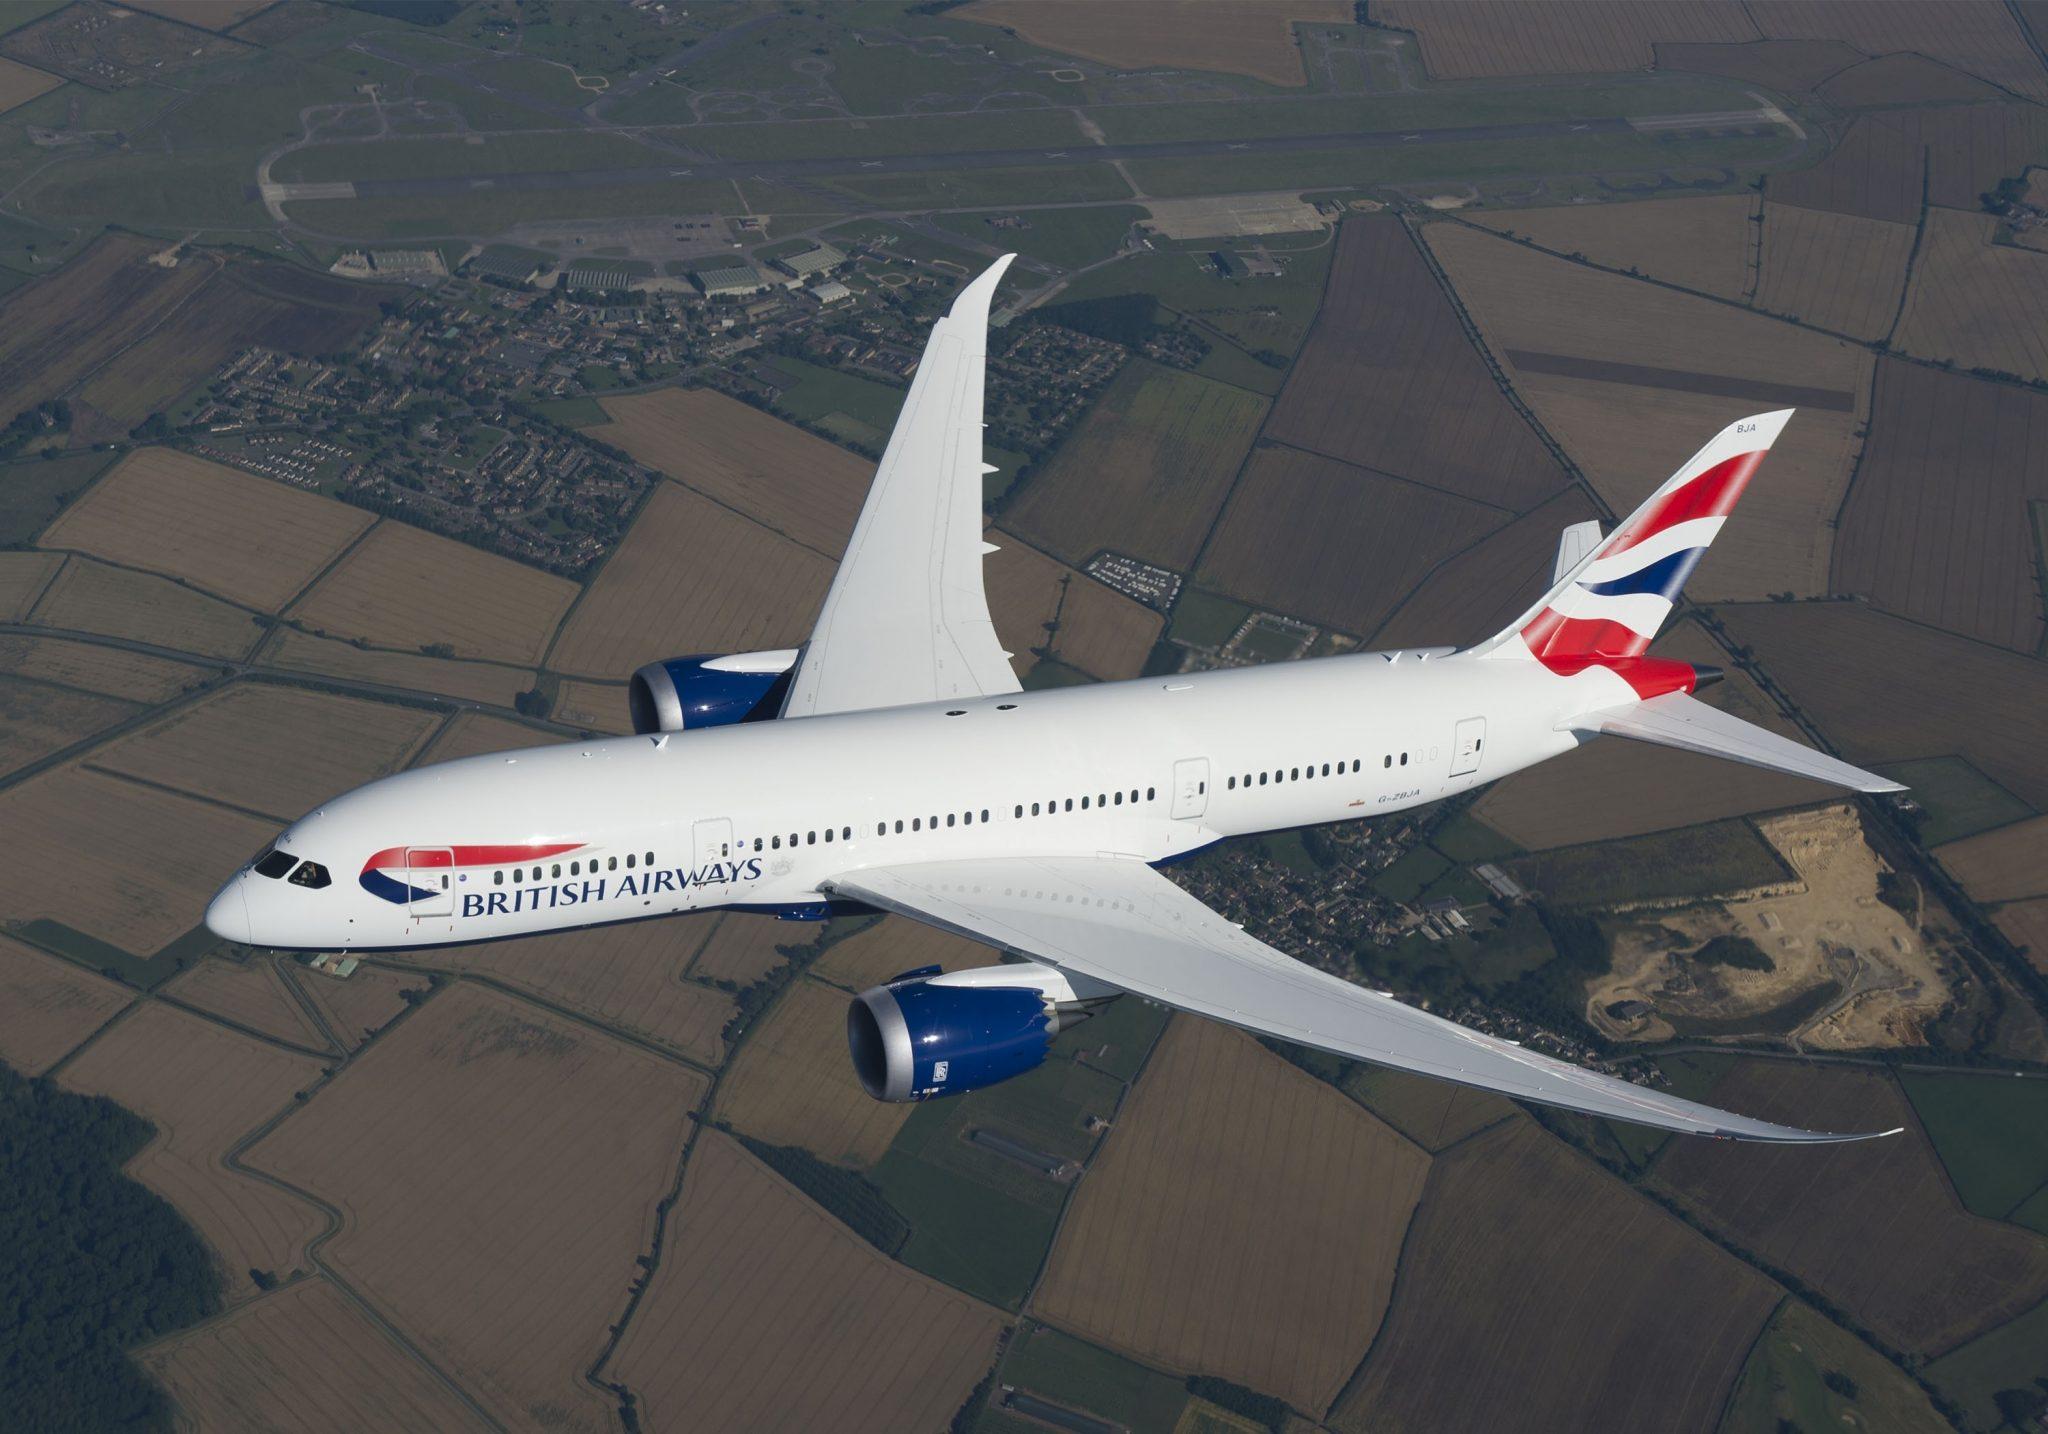 Plan de vuelo equivocado lleva un avión a Edimburgo en vez de Dusseldorf